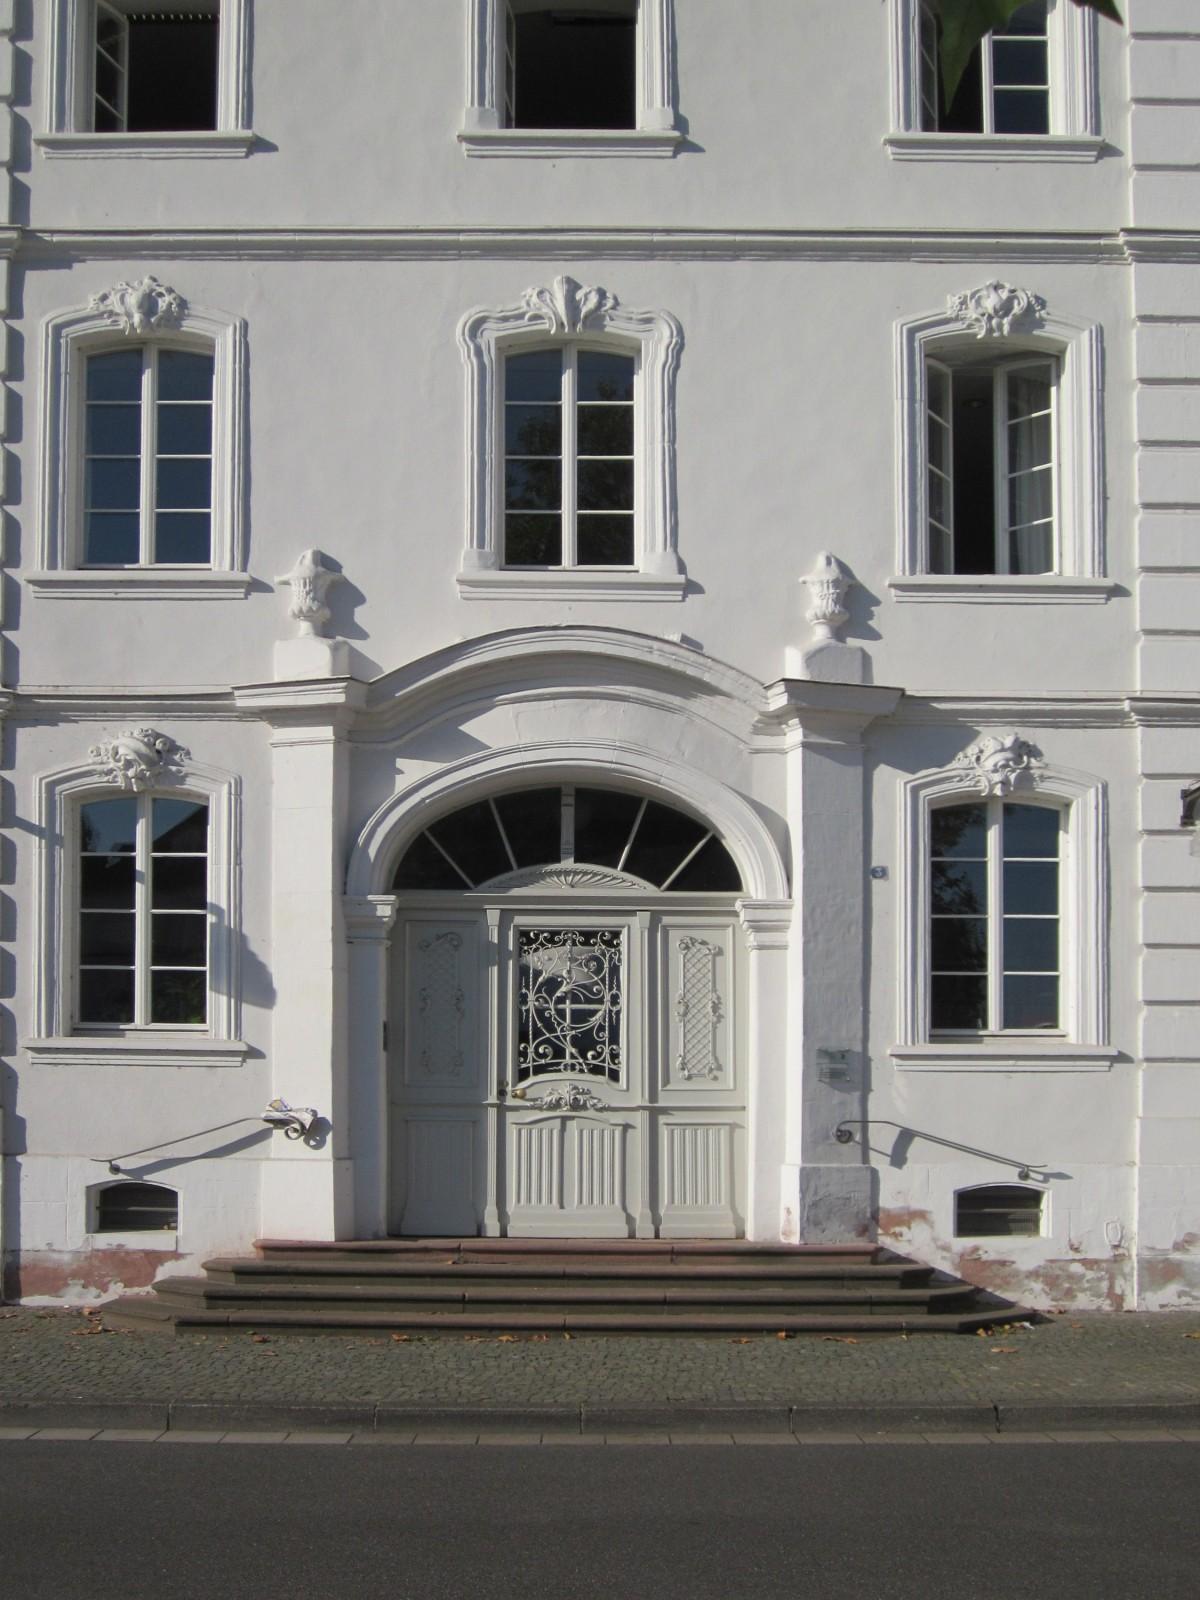 images gratuites architecture manoir maison fen tre porche cambre colonne fa ade. Black Bedroom Furniture Sets. Home Design Ideas